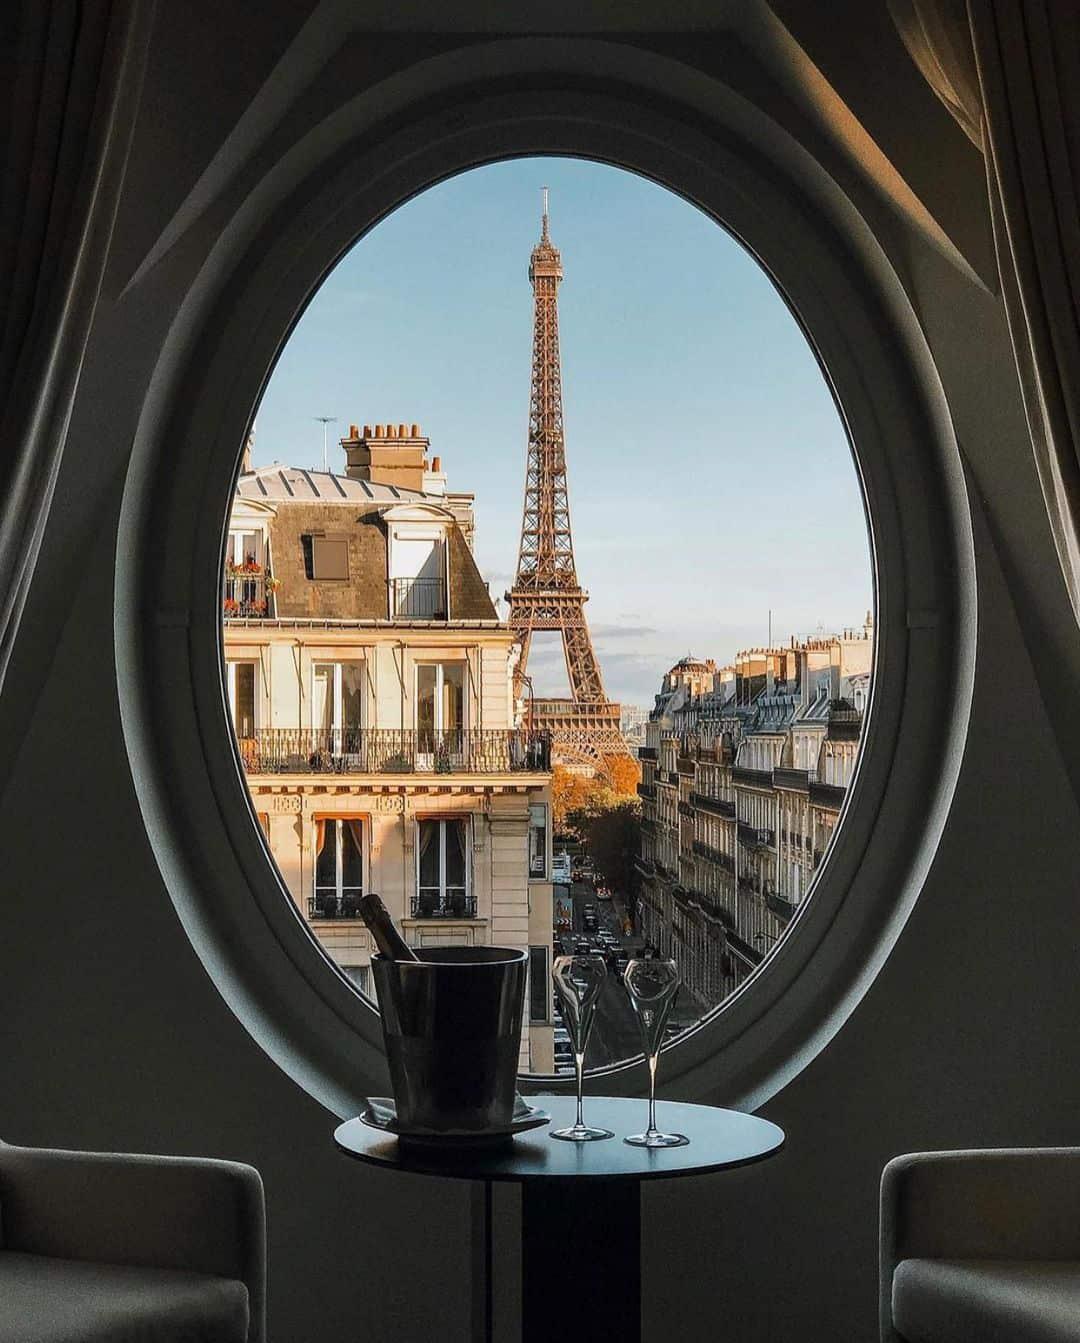 Eiffel Tower through a circle window petite in paris